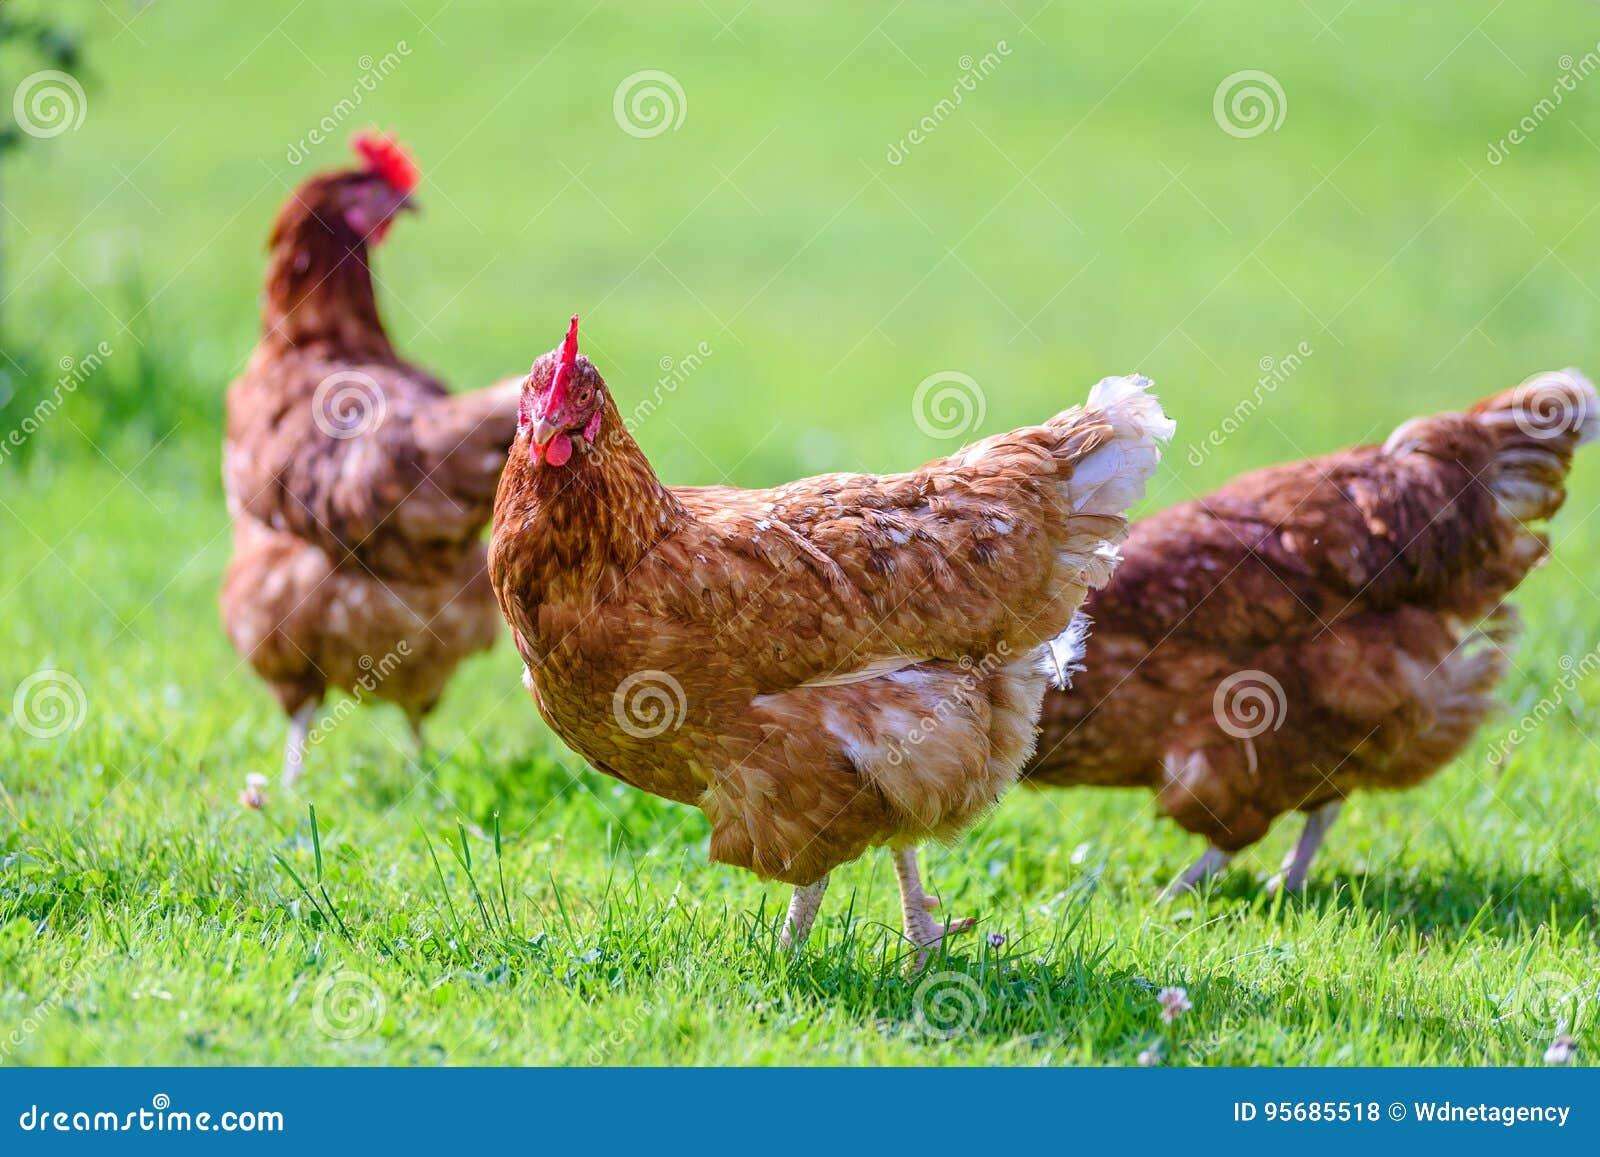 Poules Gratuites Et Heureuses Photo Stock Image Du Cour Oiseau